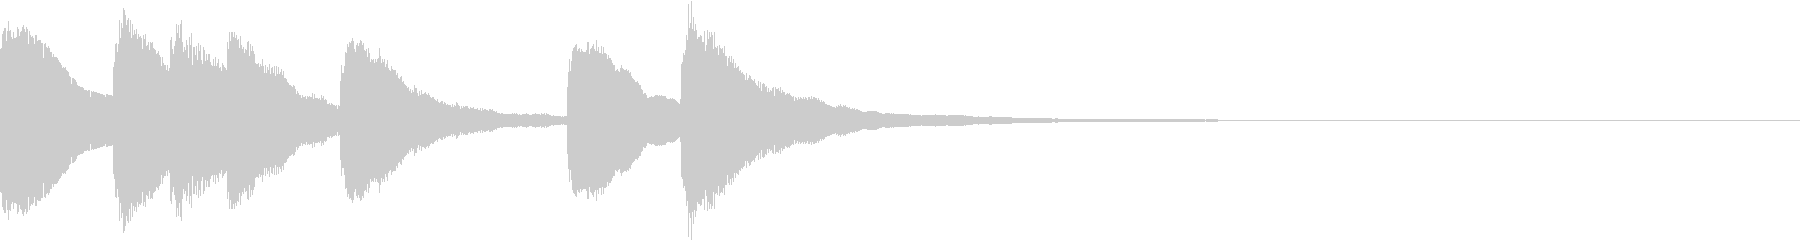 シンプル ベル チャイナ 中国風 13の未再生の波形